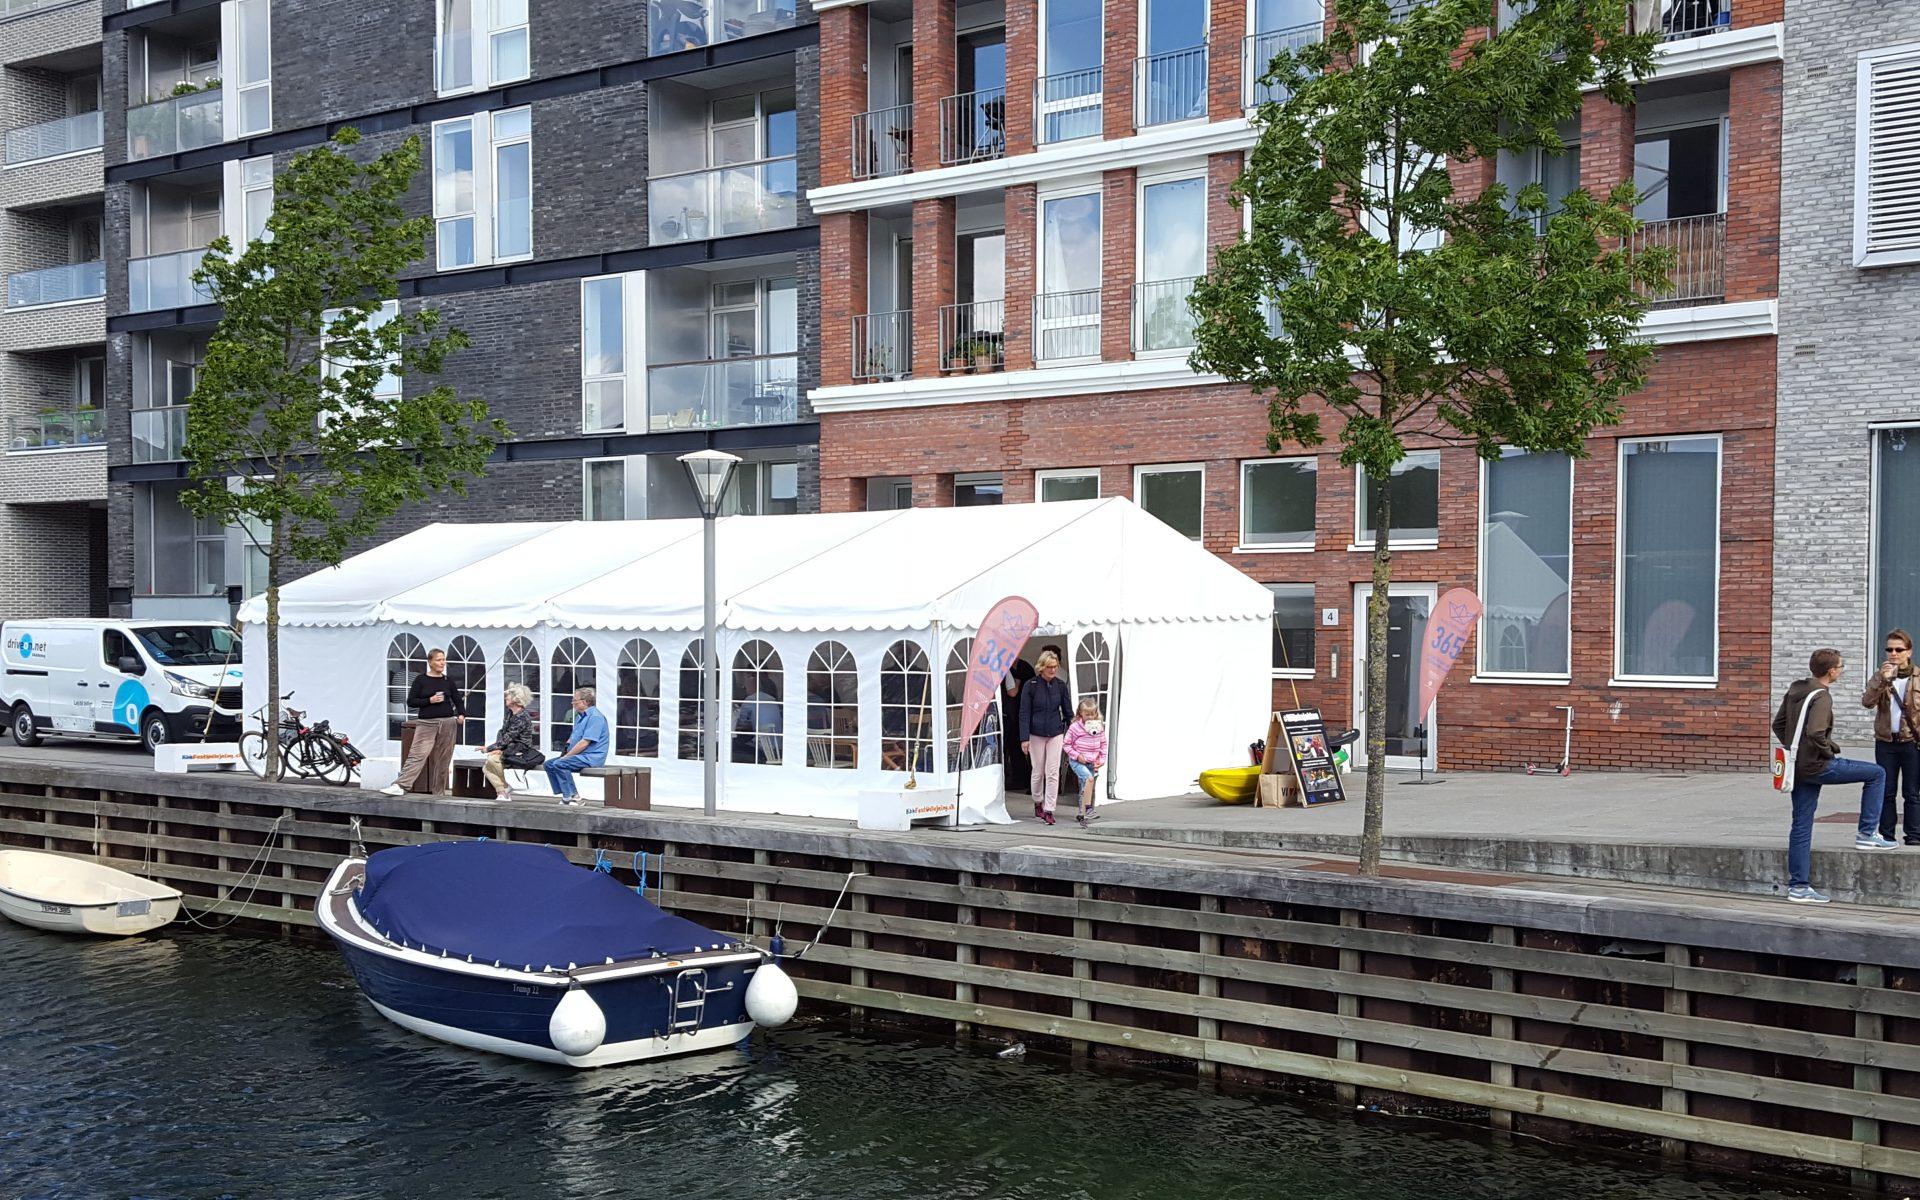 kulturhavn365_sluseholmens-havne-og-kanalfestival02